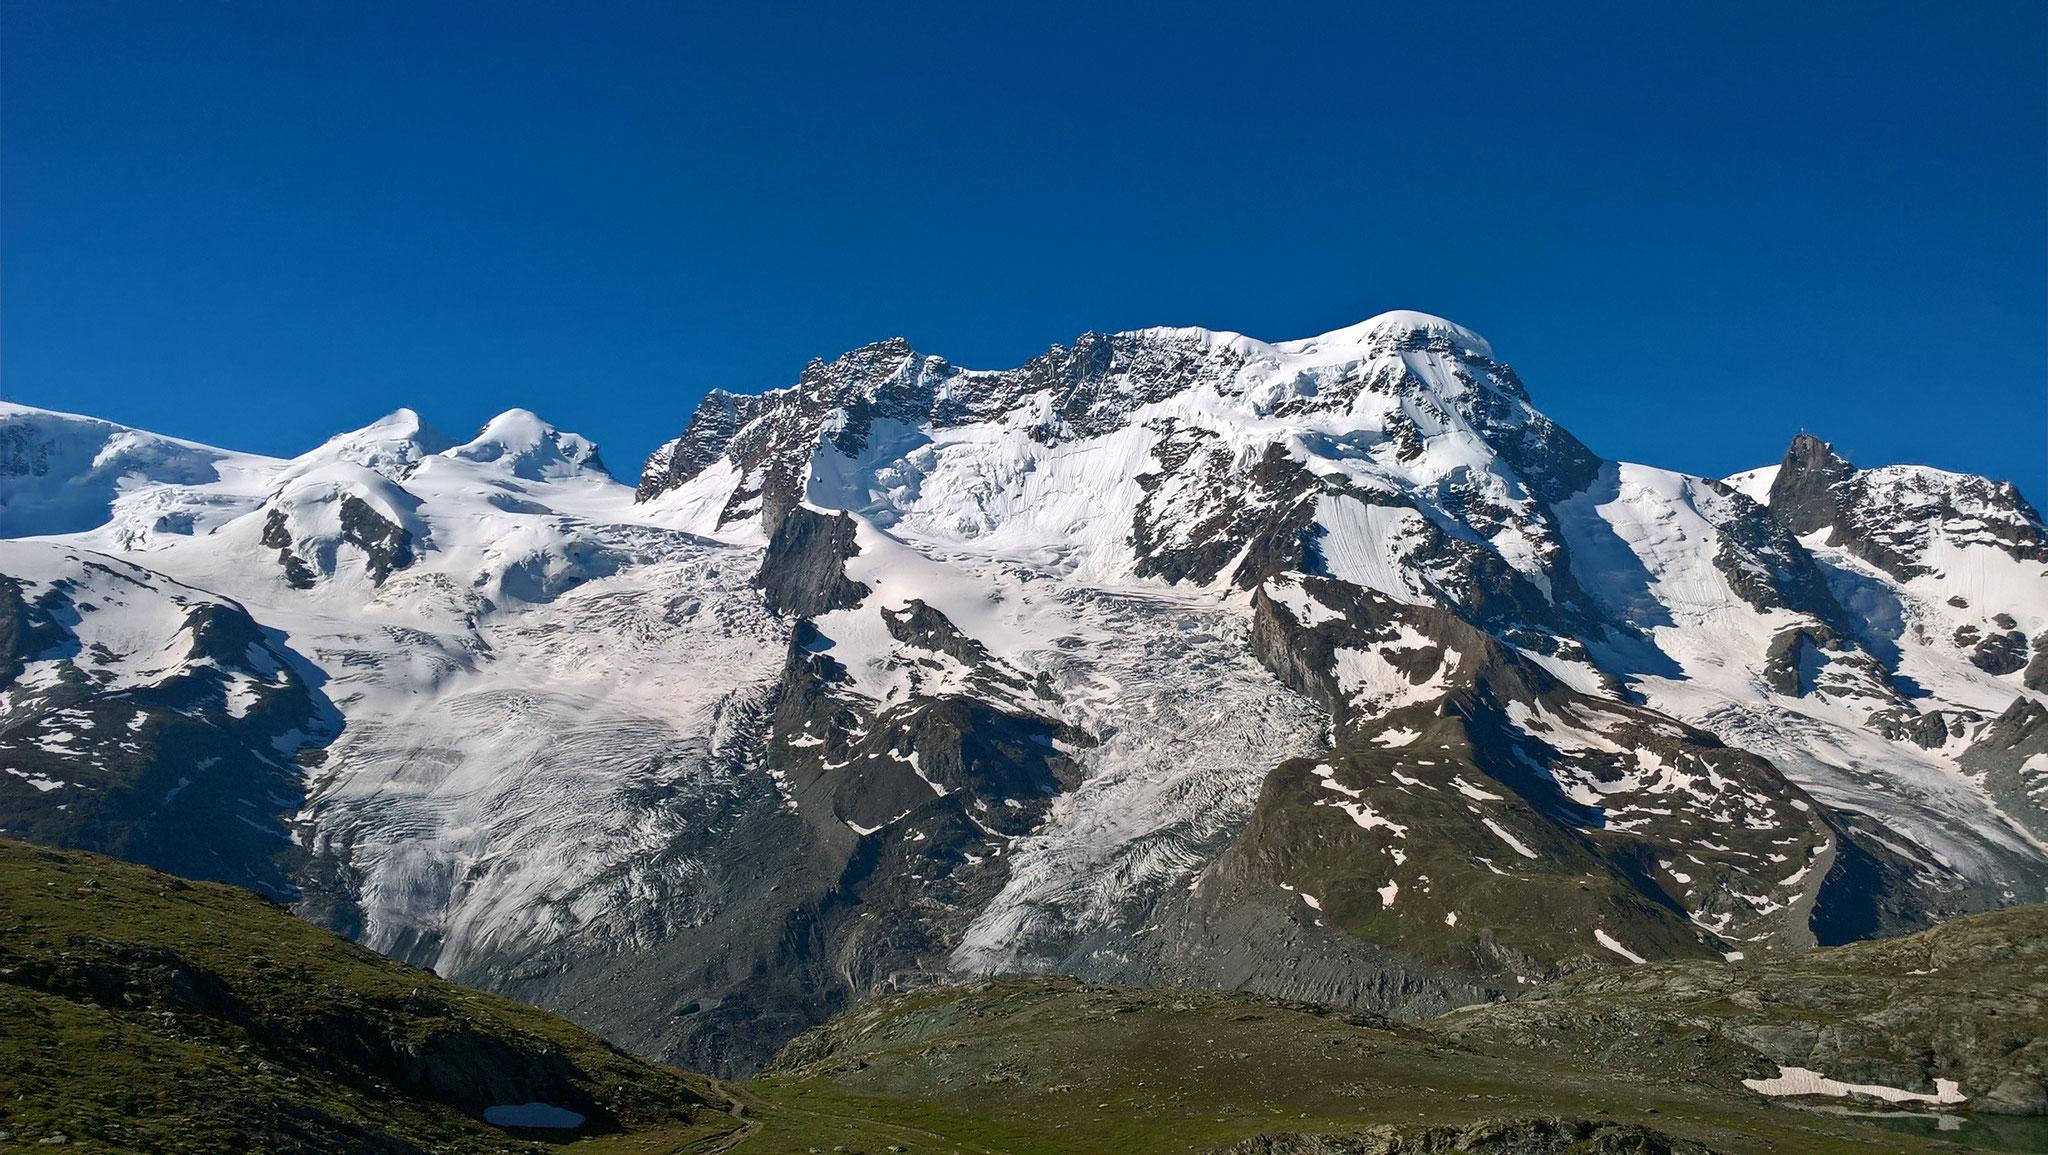 v.l. Castor, Pollux, Breithorn und Klein Matterhorn